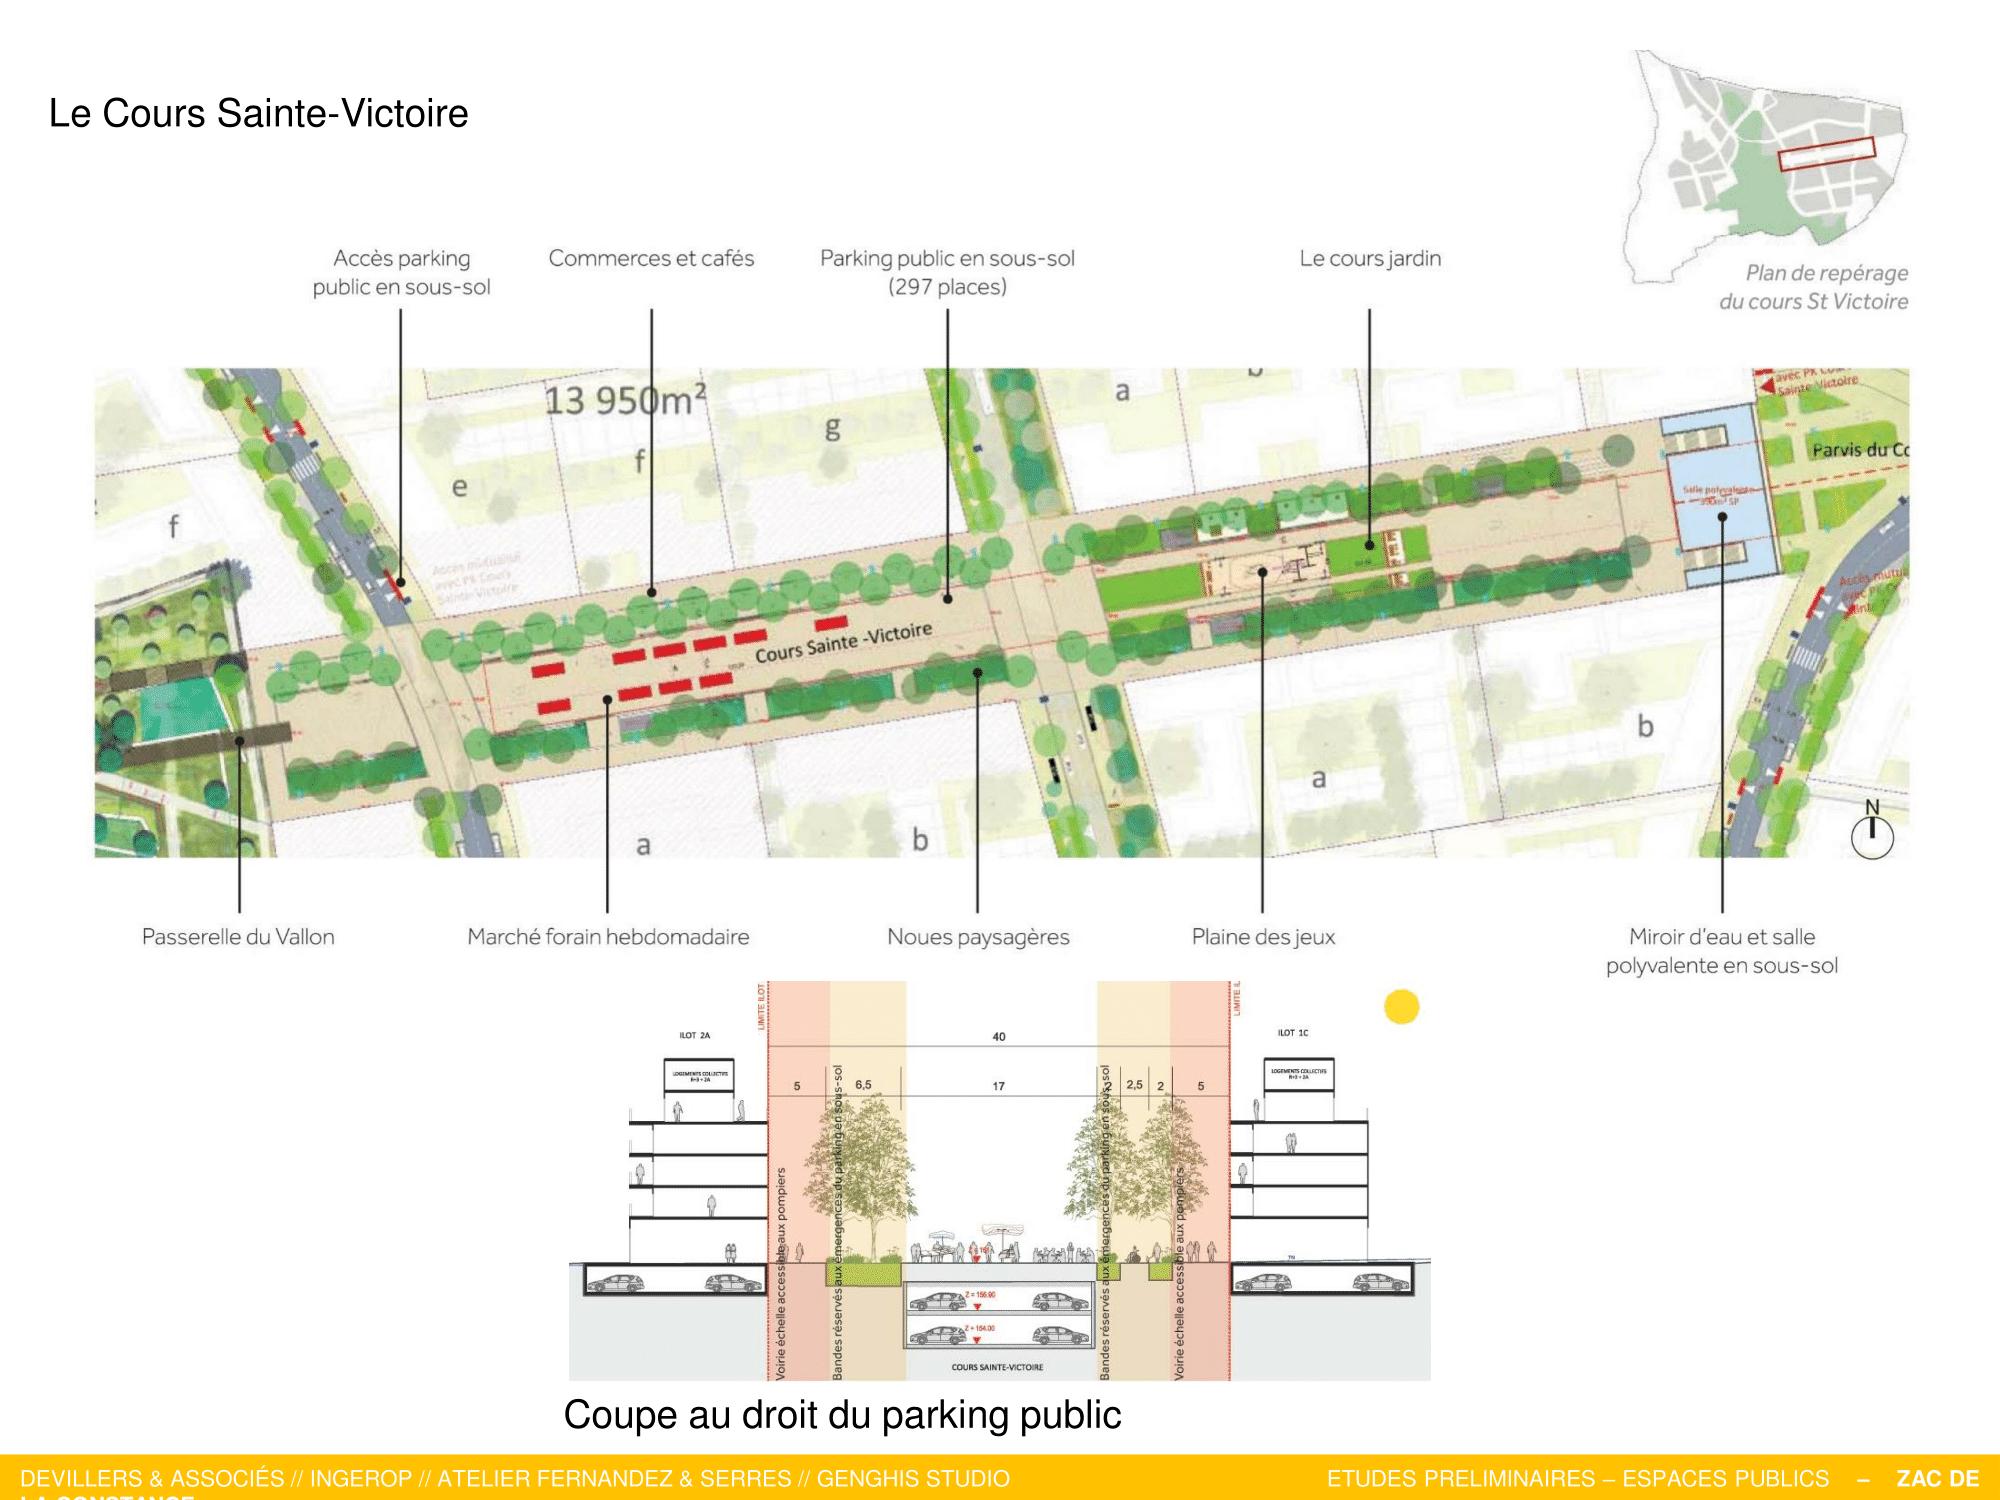 La Constance : Le Cours Sainte-Victoire